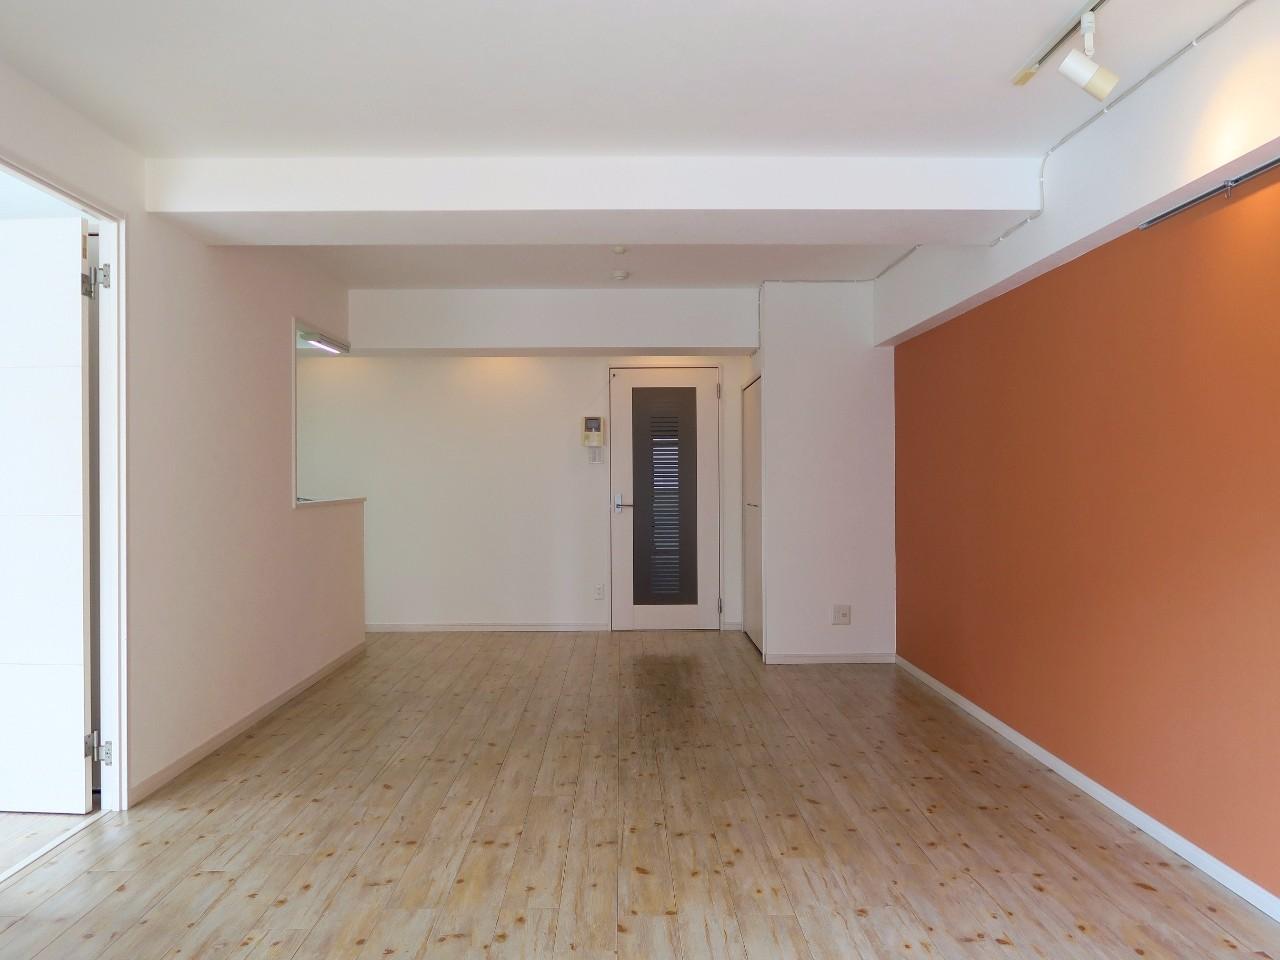 続いては21.4畳の広々リビングと、6.5畳の洋室がある1LDKタイプ。落ち着いた住宅街の中にあるリノベーション物件です。